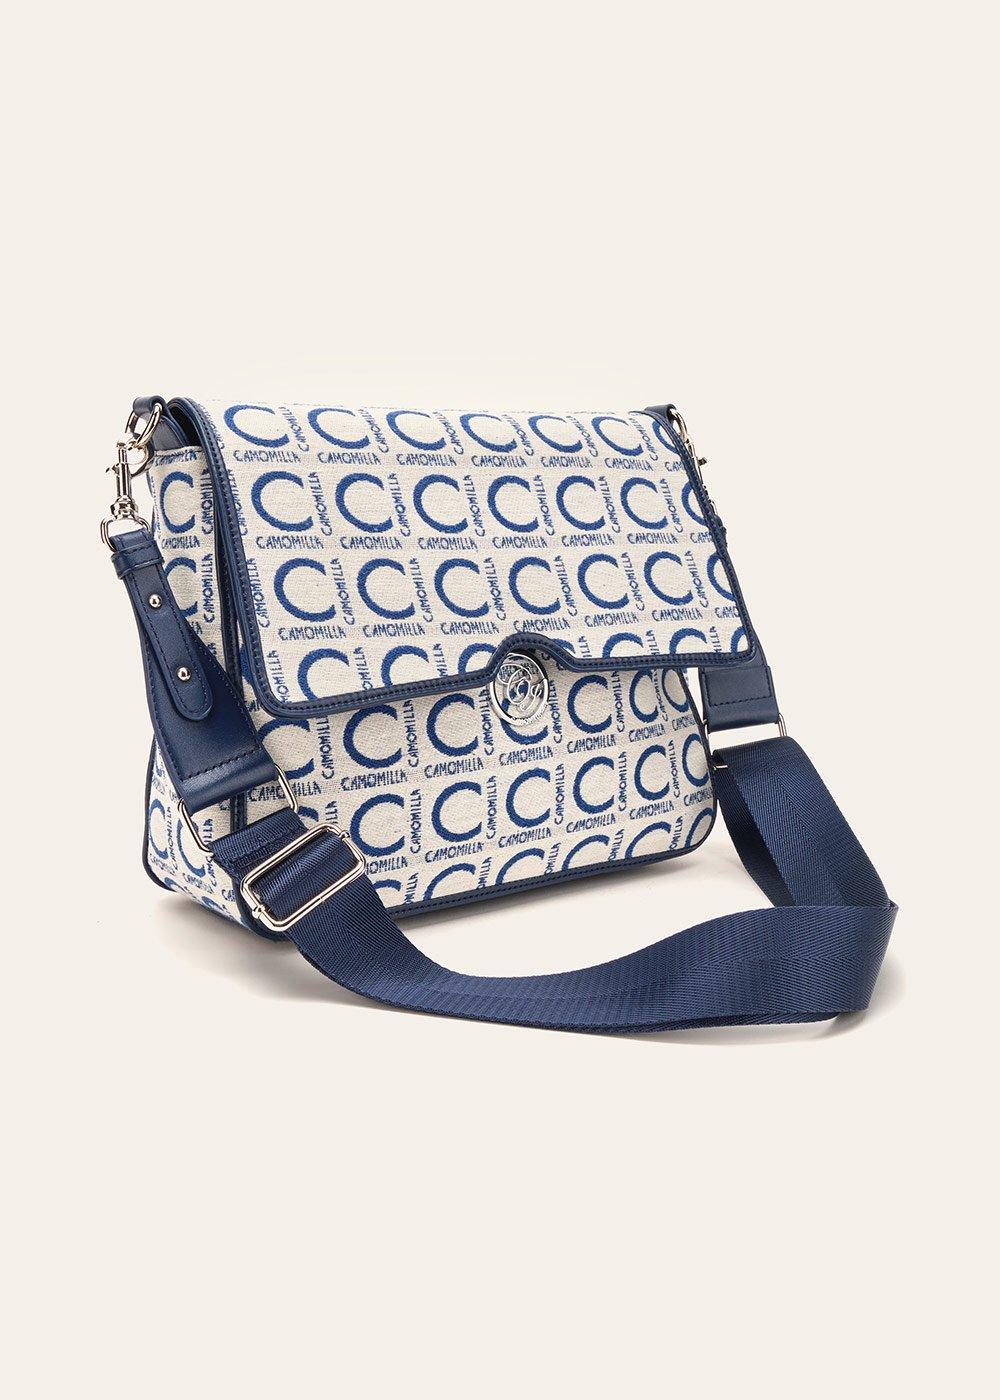 Batyk logomania shoulder bag with flap - Avion / White - Woman